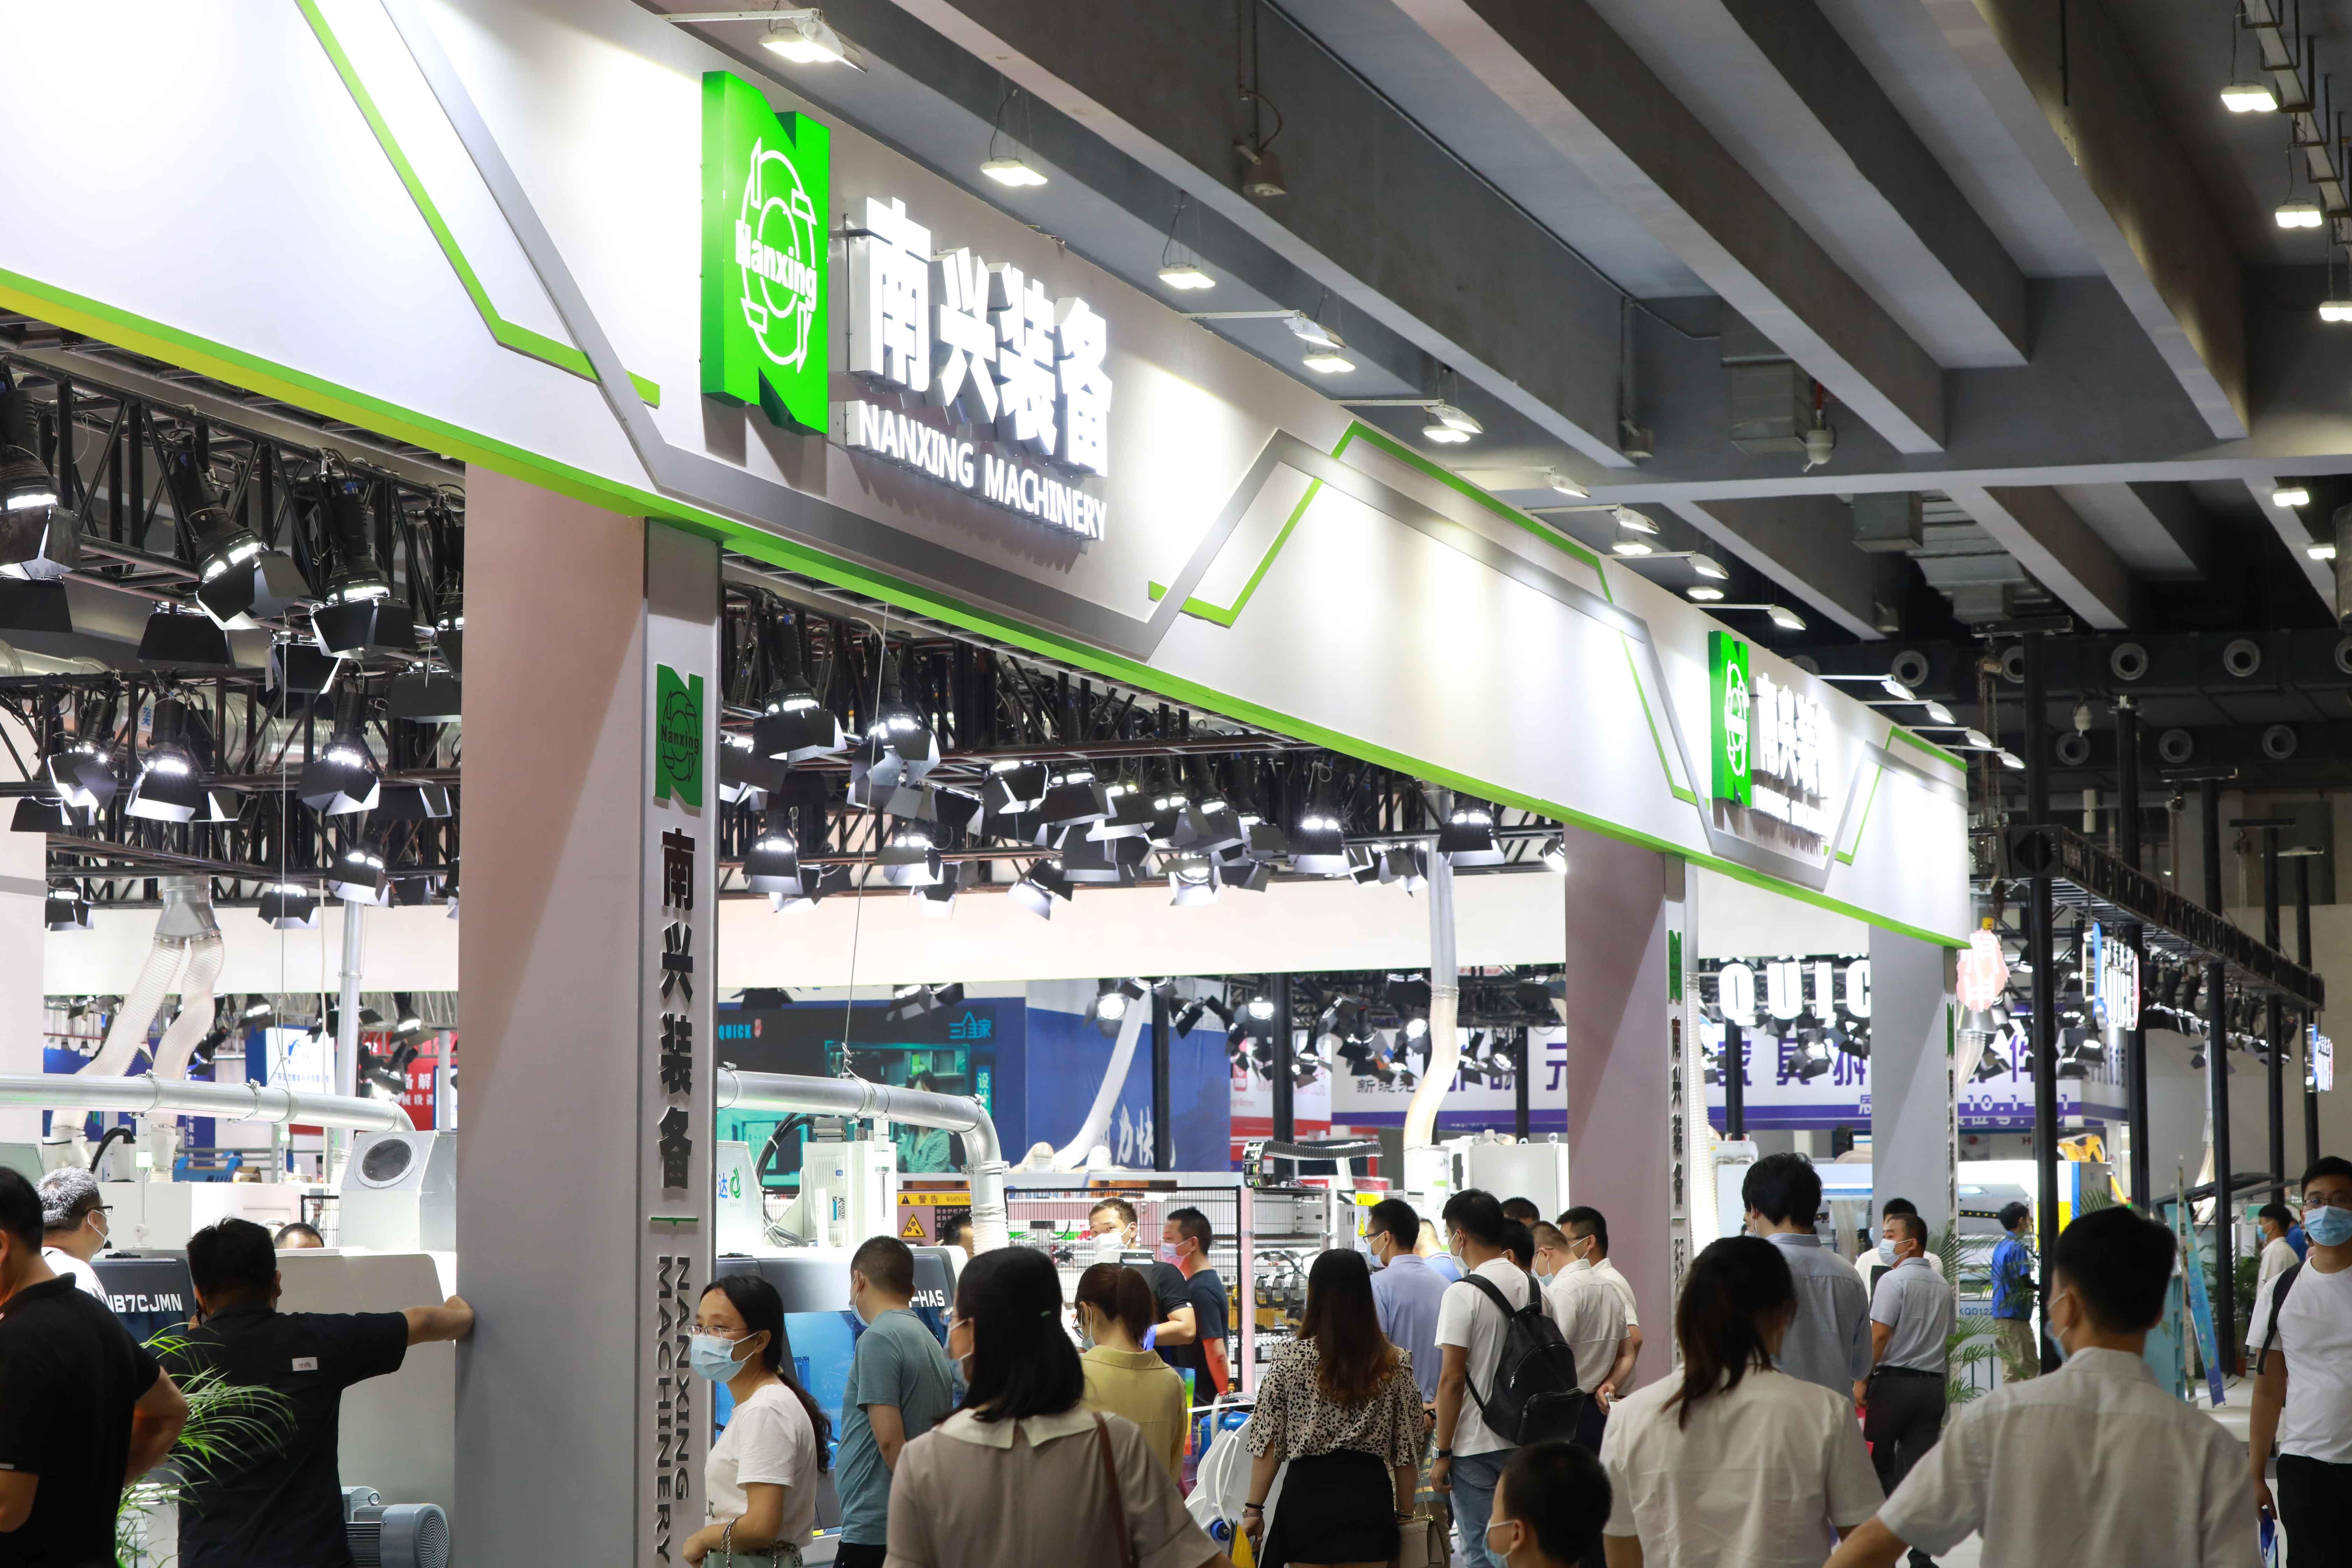 南兴装备|广州建博会圆满落幕 八月东莞展再续辉煌